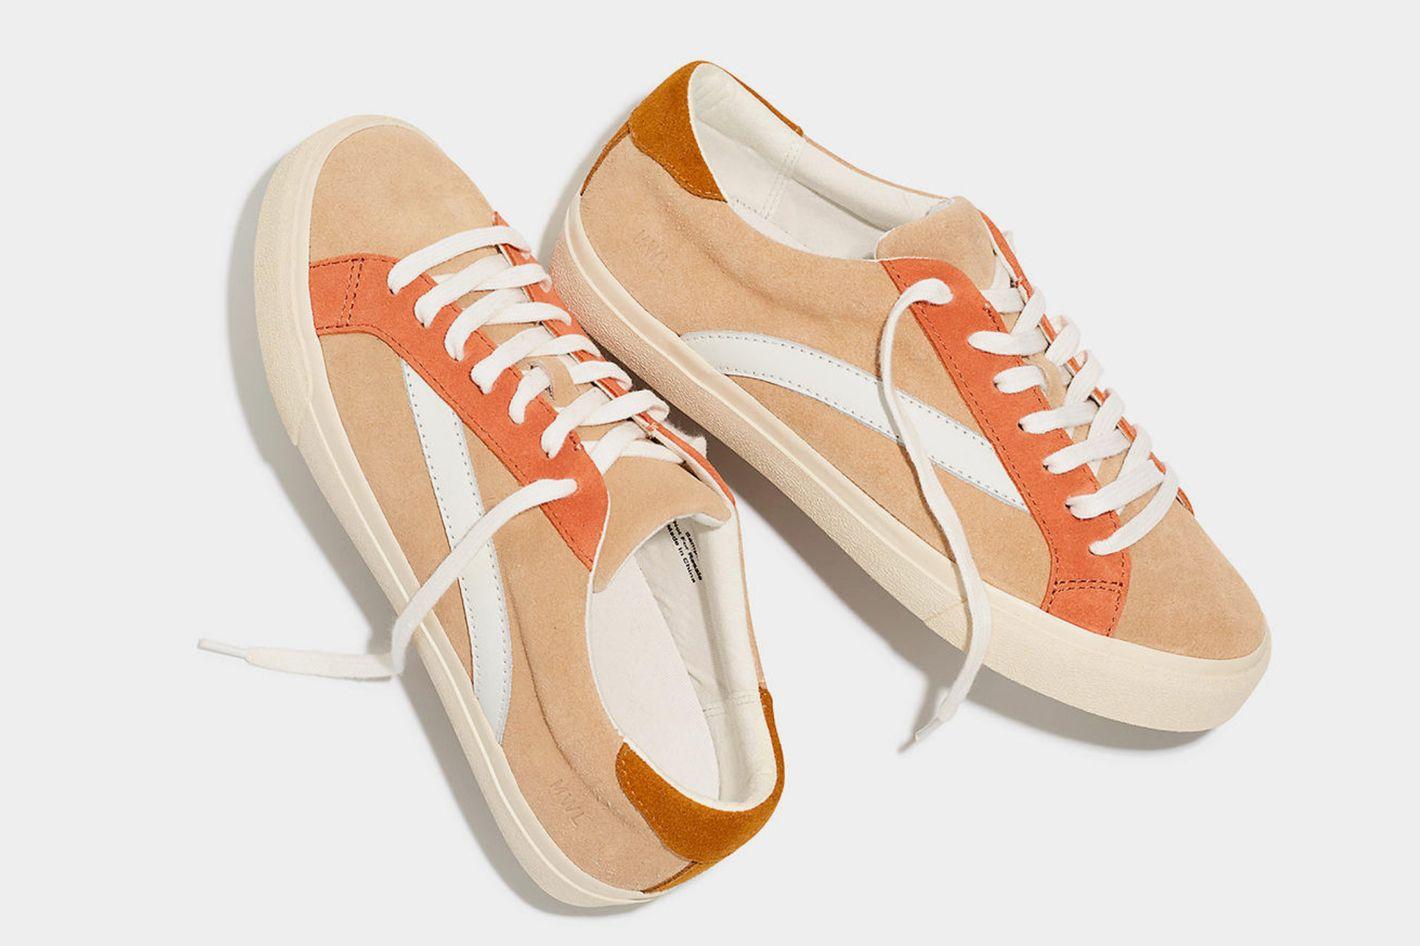 Madewell Sidewalk Low-Top Sneakers in Colorblock Suede